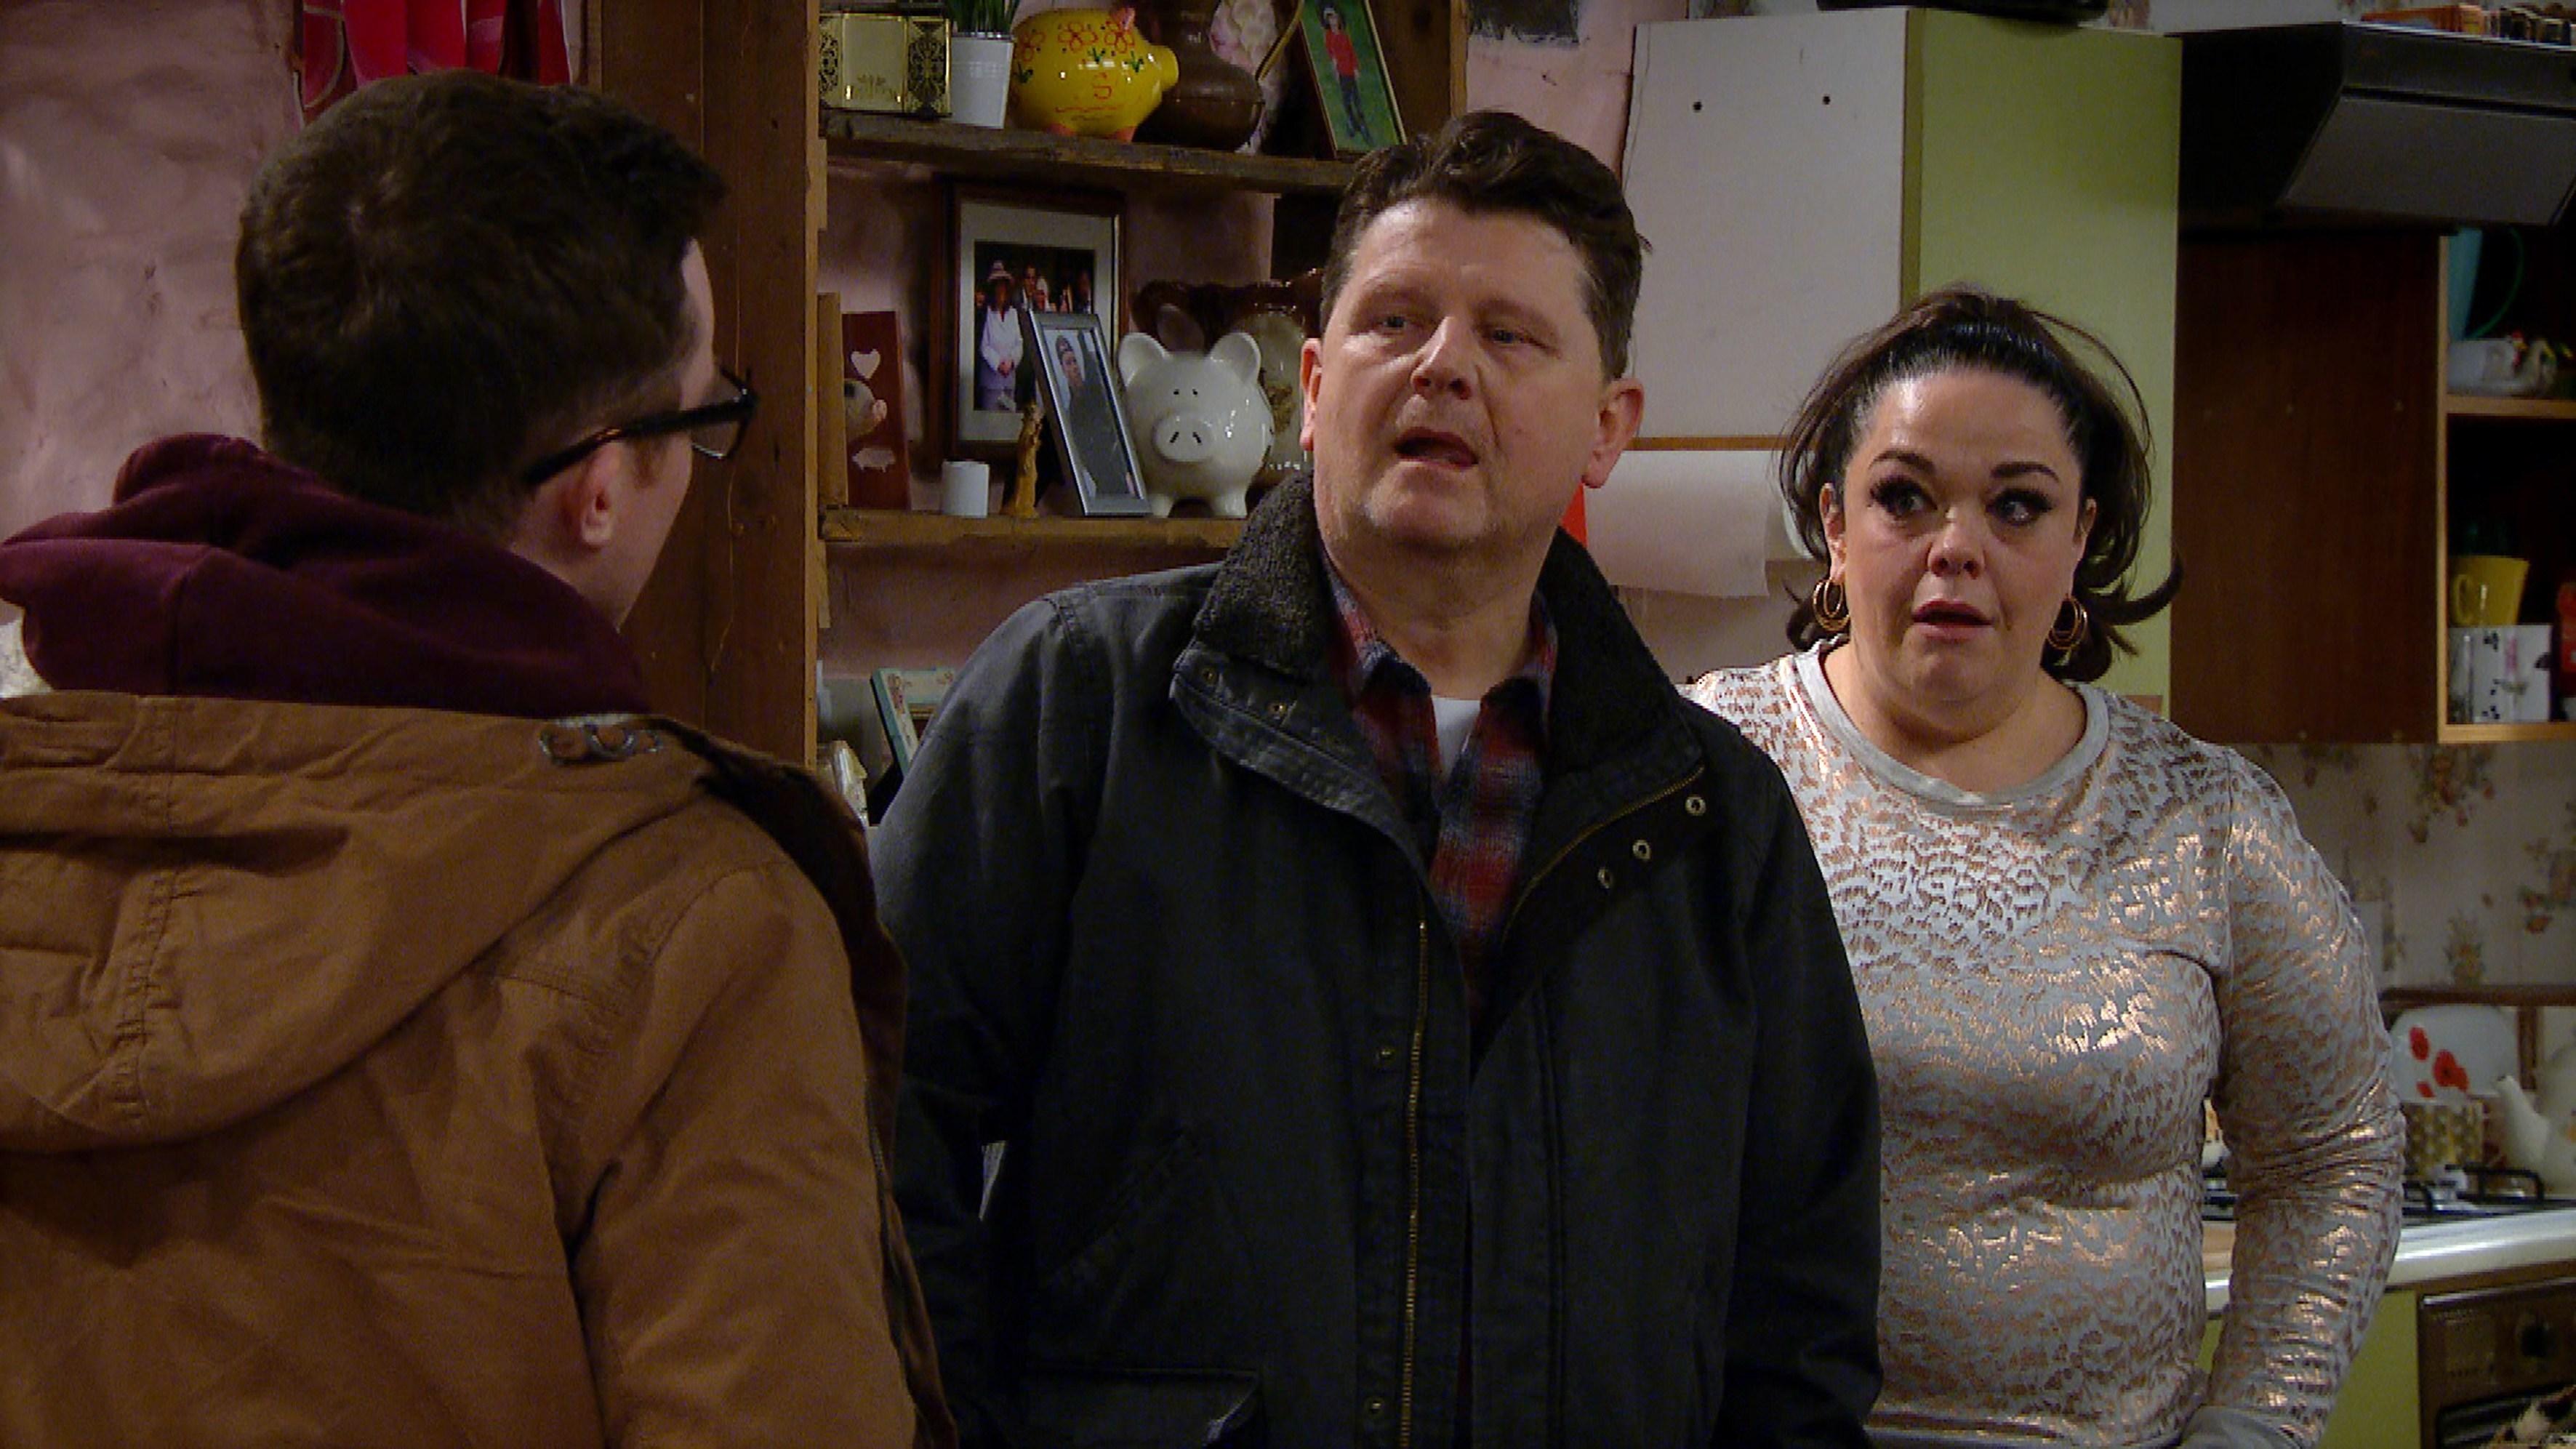 Emmerdale spoilers: Vinny devastated as he discovers dad Paul's shocking betrayal